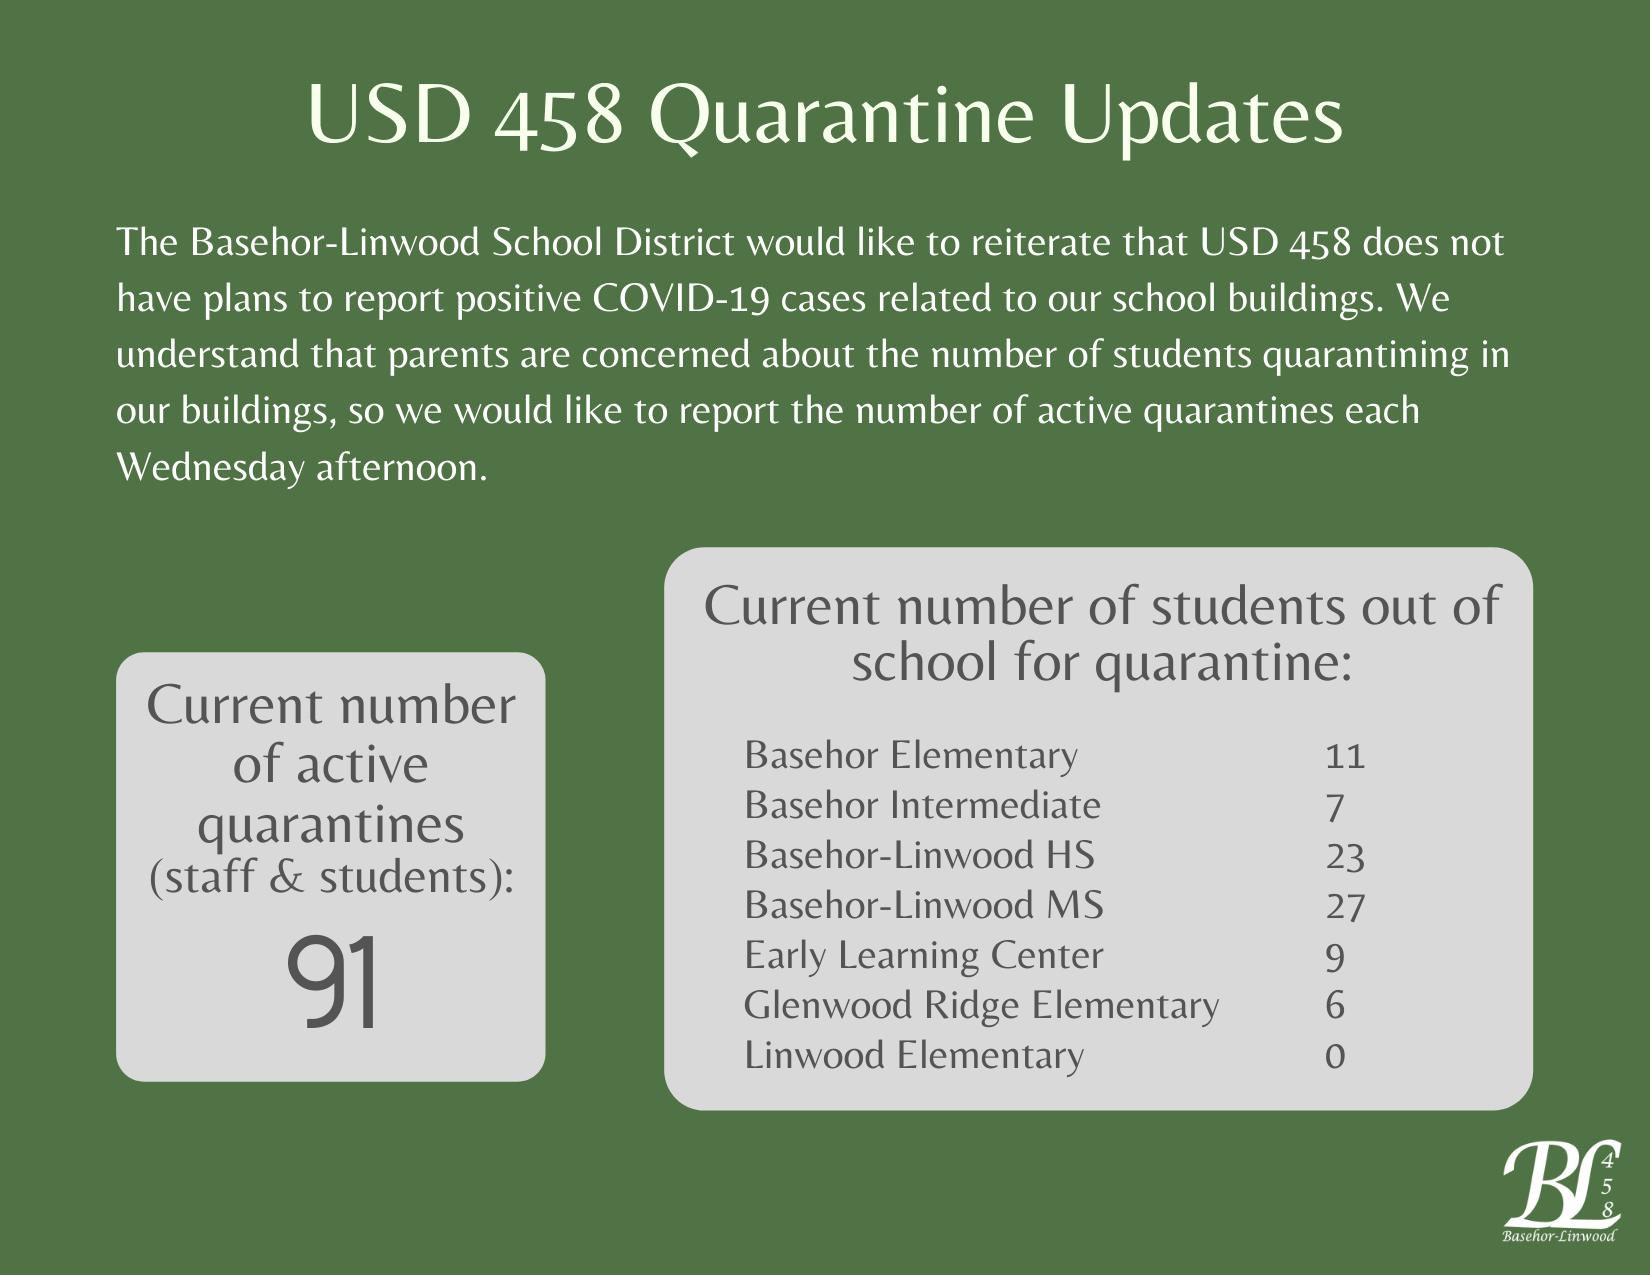 91 total quarantines